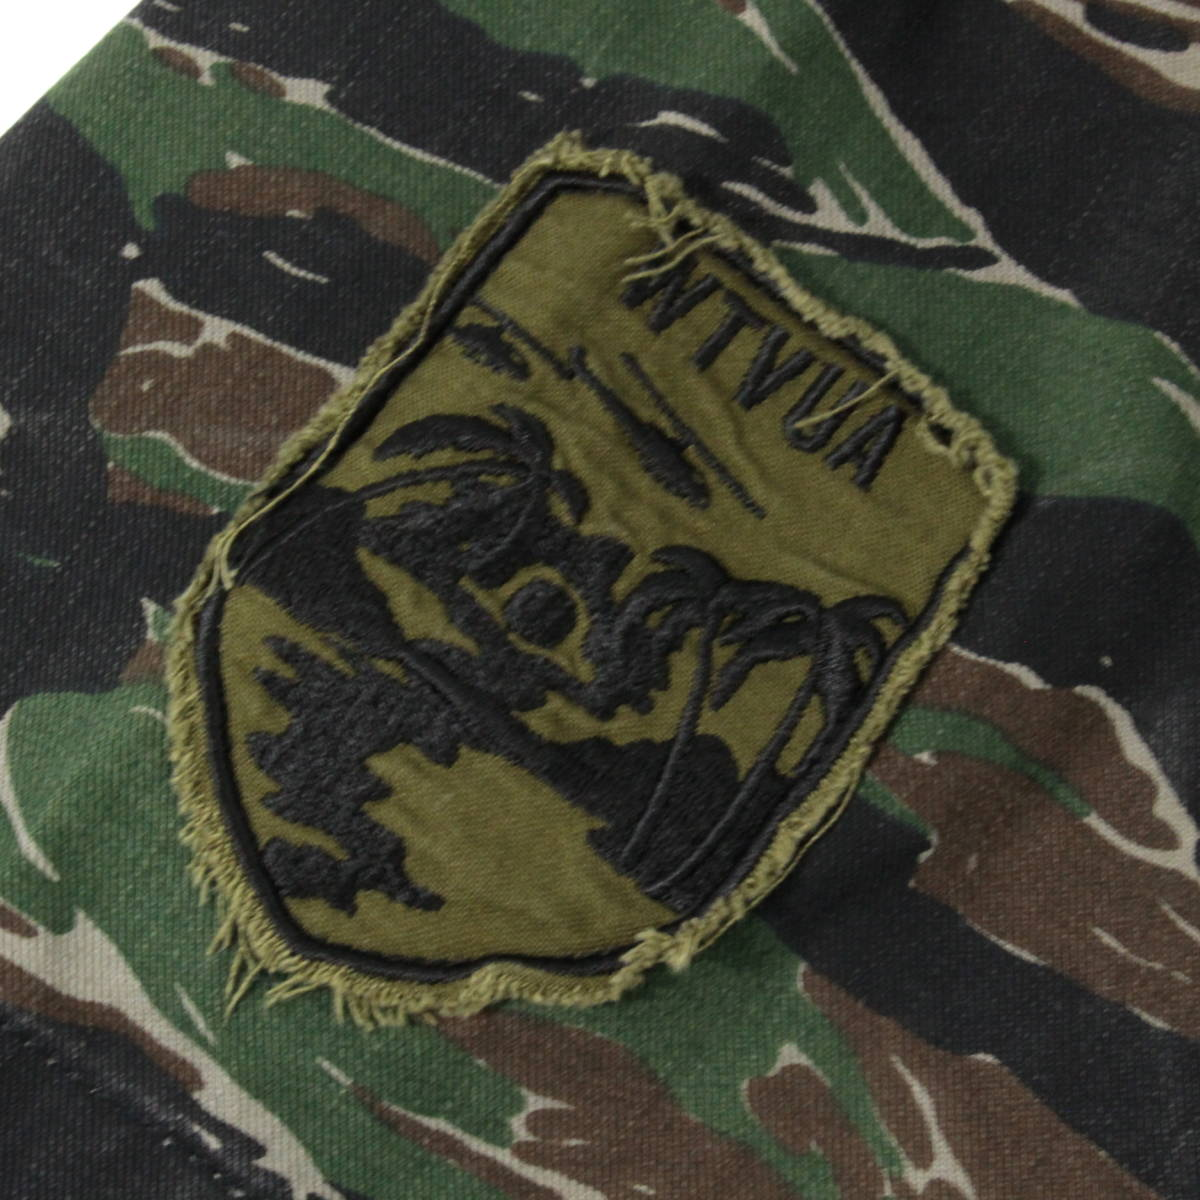 【即完売】WTAPS 17SS BUDS SS JUNGLE SHIRT TIGER STRIPE オーバーサイズ ミリタリーシャツ 1 S タイガーカモ 迷彩 ダブルタップス_画像5